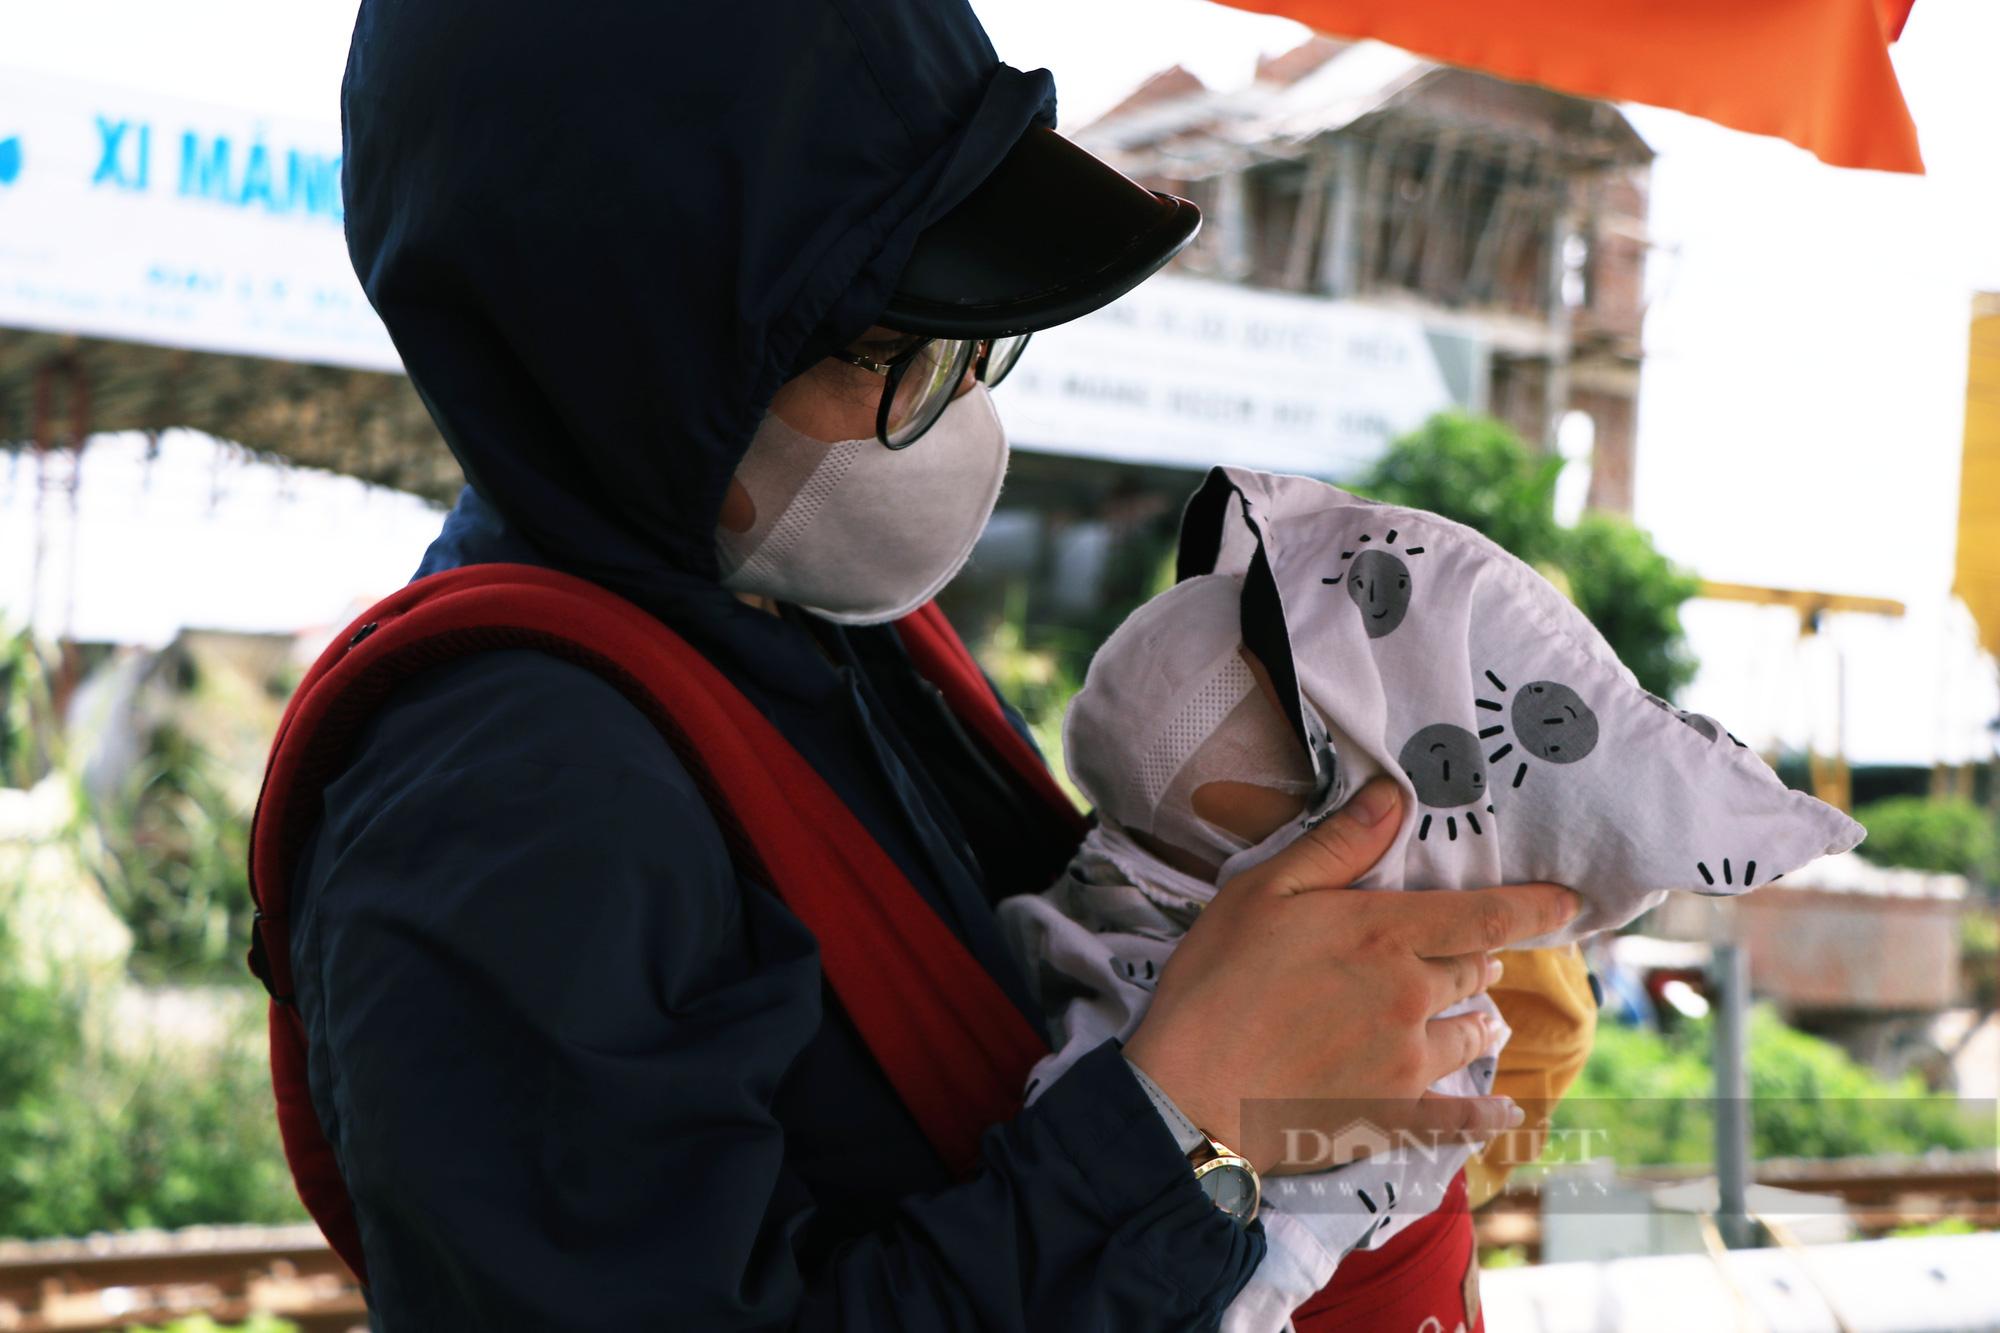 Trẻ nhỏ ngủ gục, đội nắng theo chân cha mẹ vượt hành trình hàng trăm km ra Hà Nội kiếm kế sinh nhai - Ảnh 6.